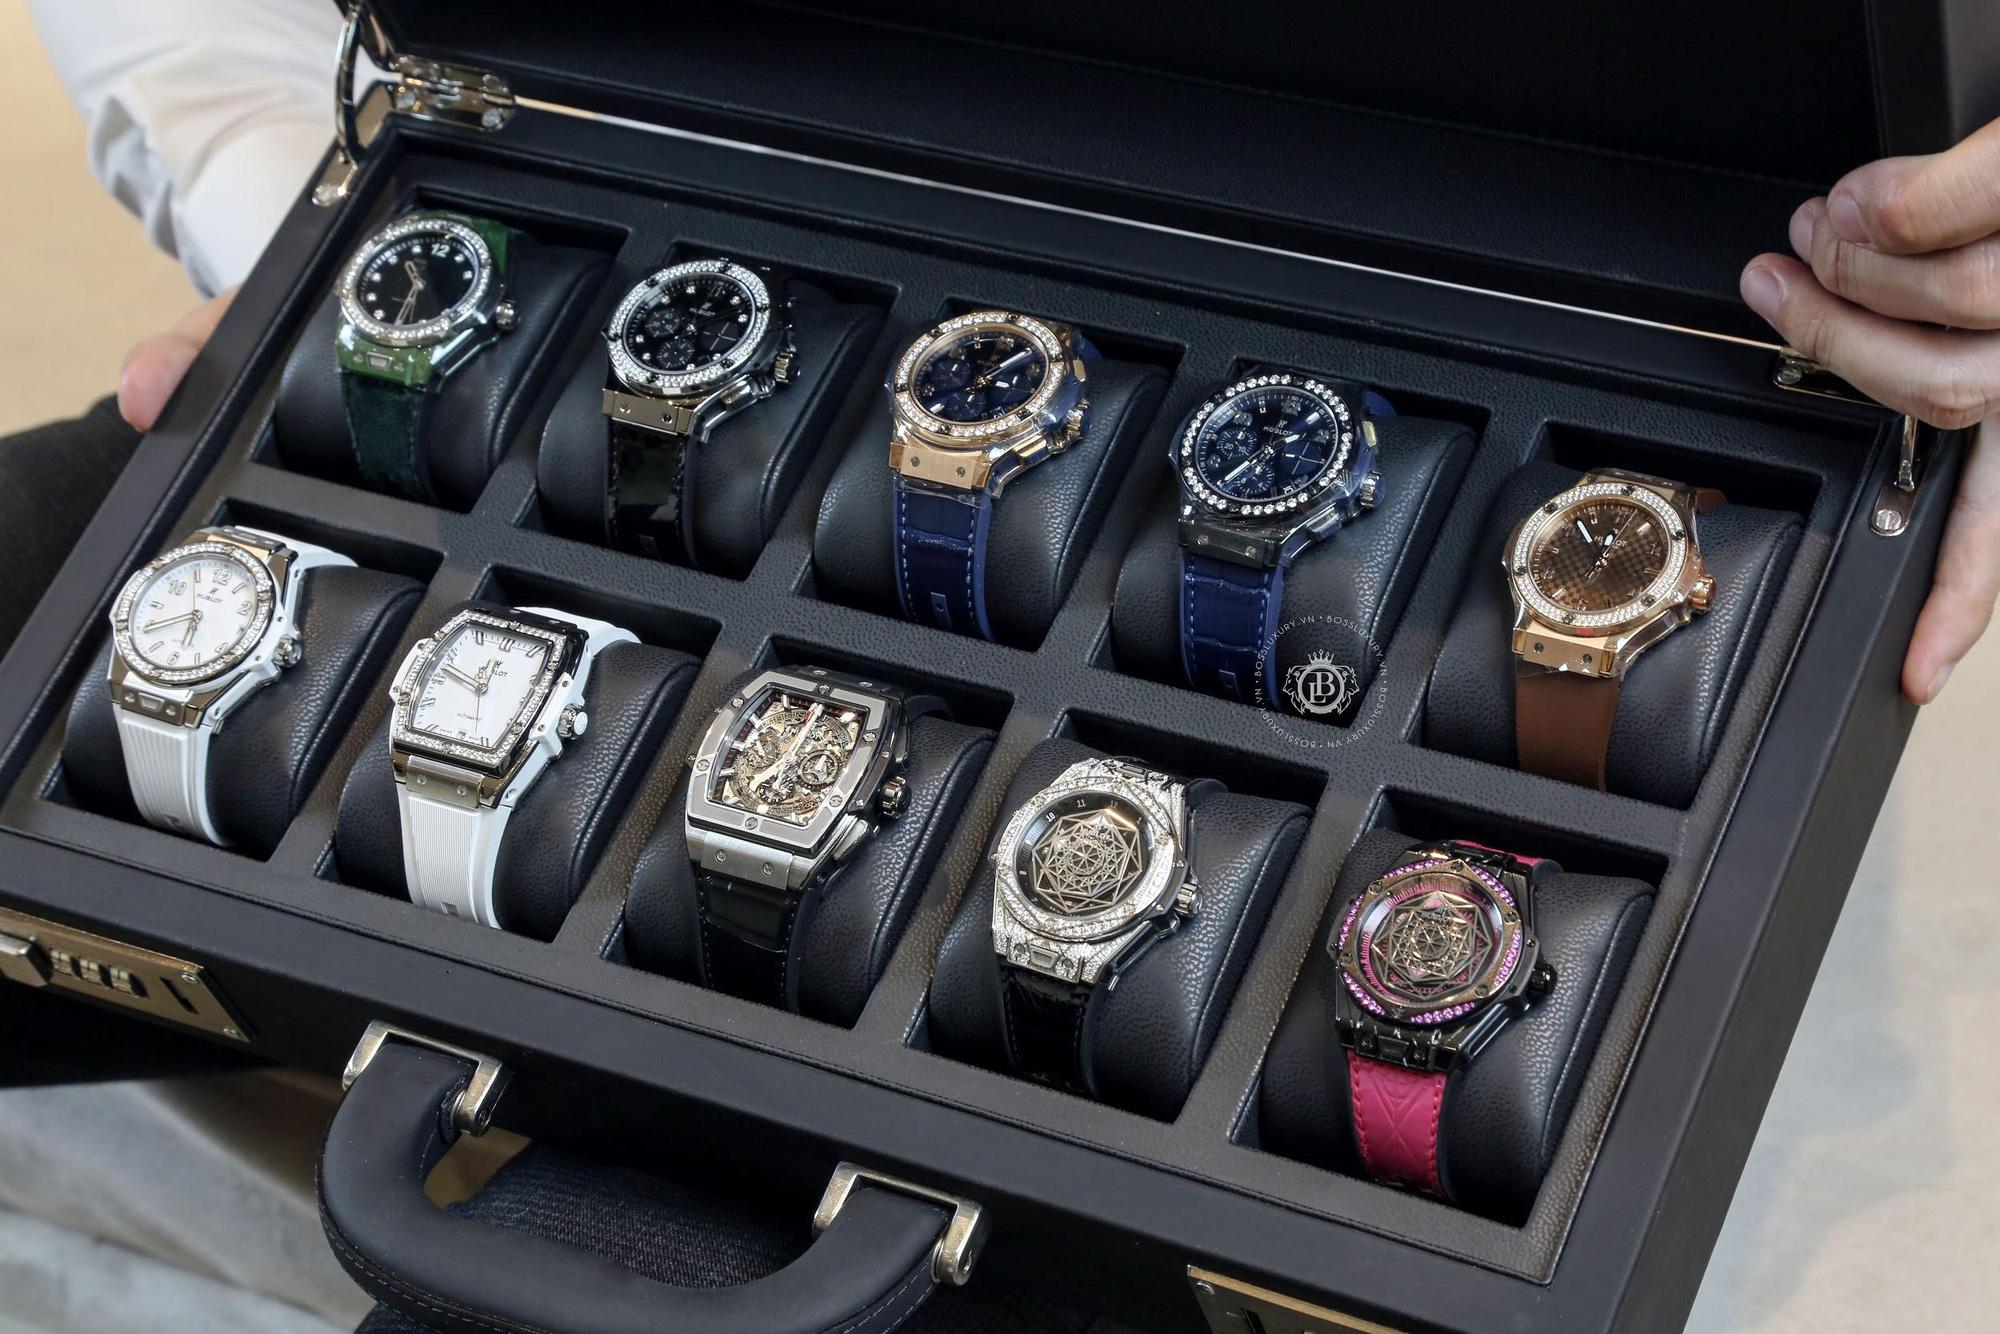 Boss Luxury chỉ ra 5 lưu ý quan trọng khi chọn mua đồng hồ cao cấp - Ảnh 1.